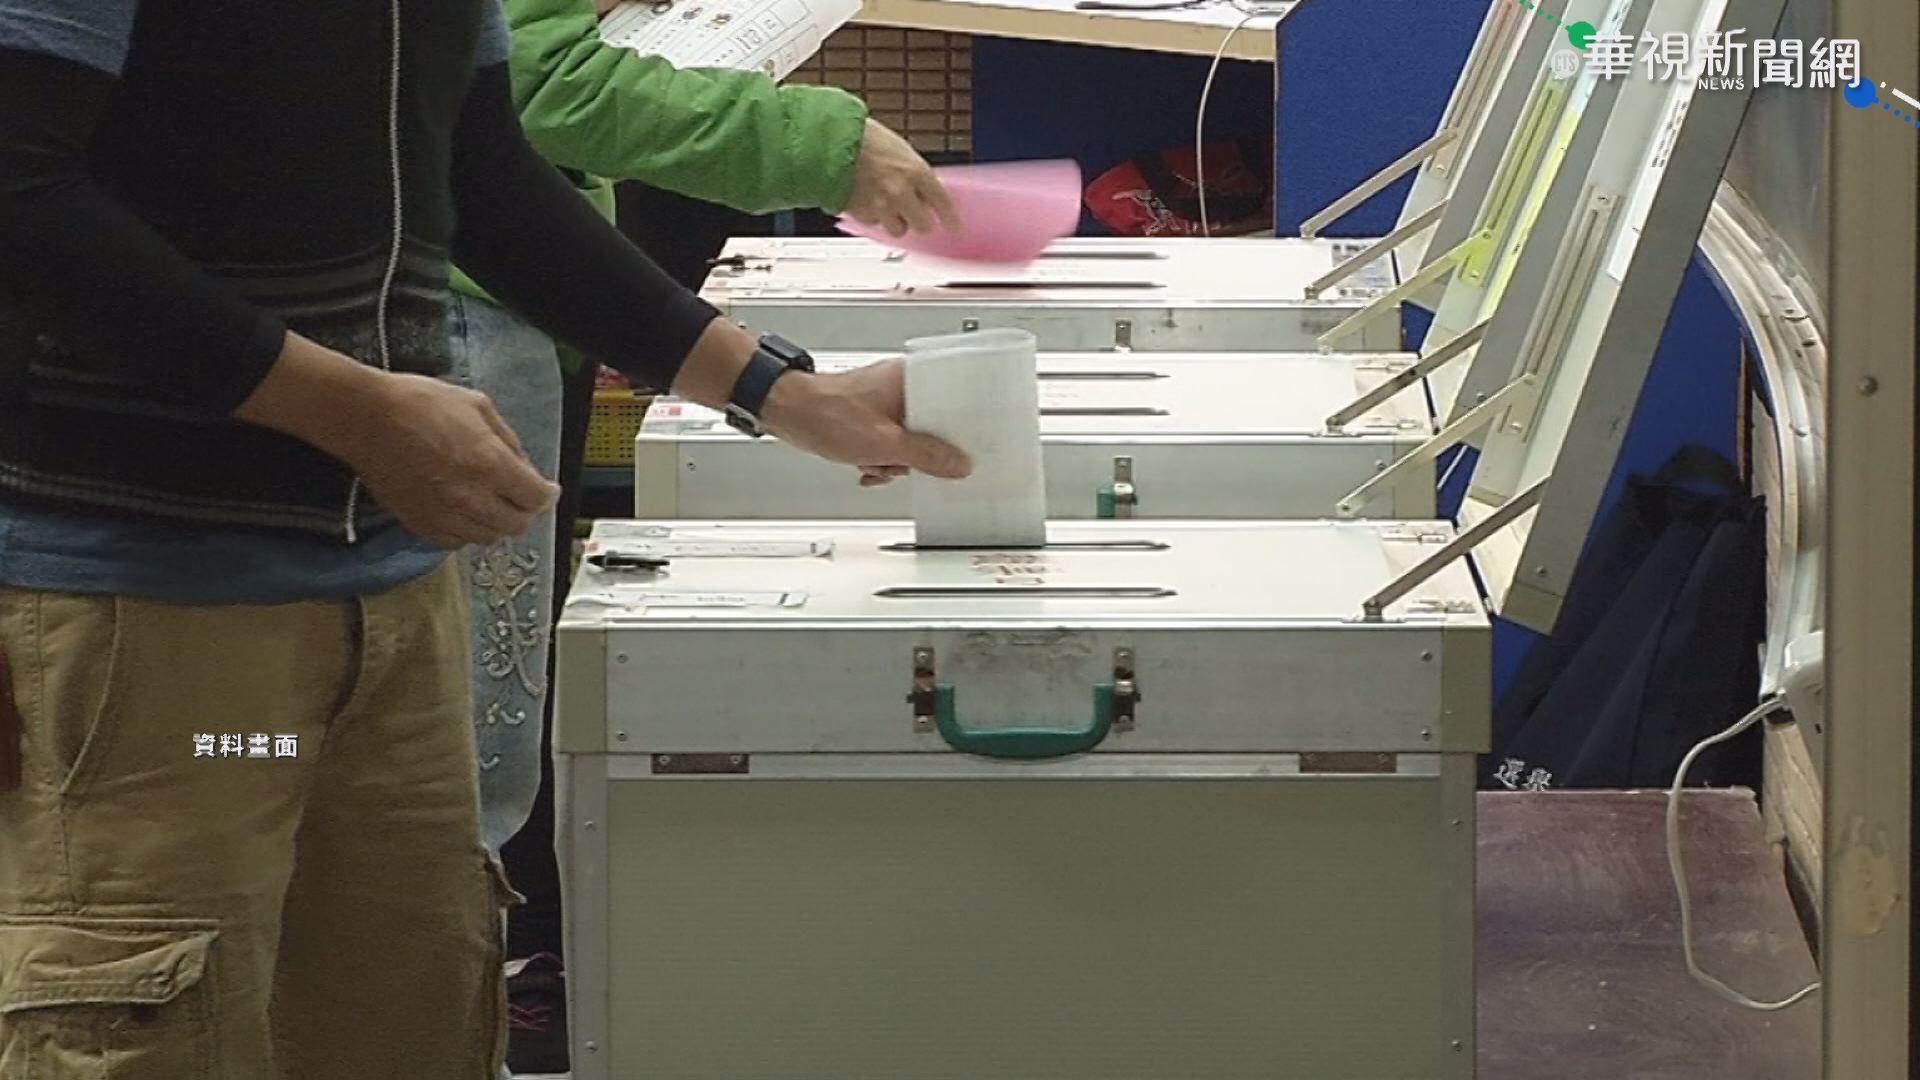 4公投延!綠駁陰謀論 藍擬推不在籍投票